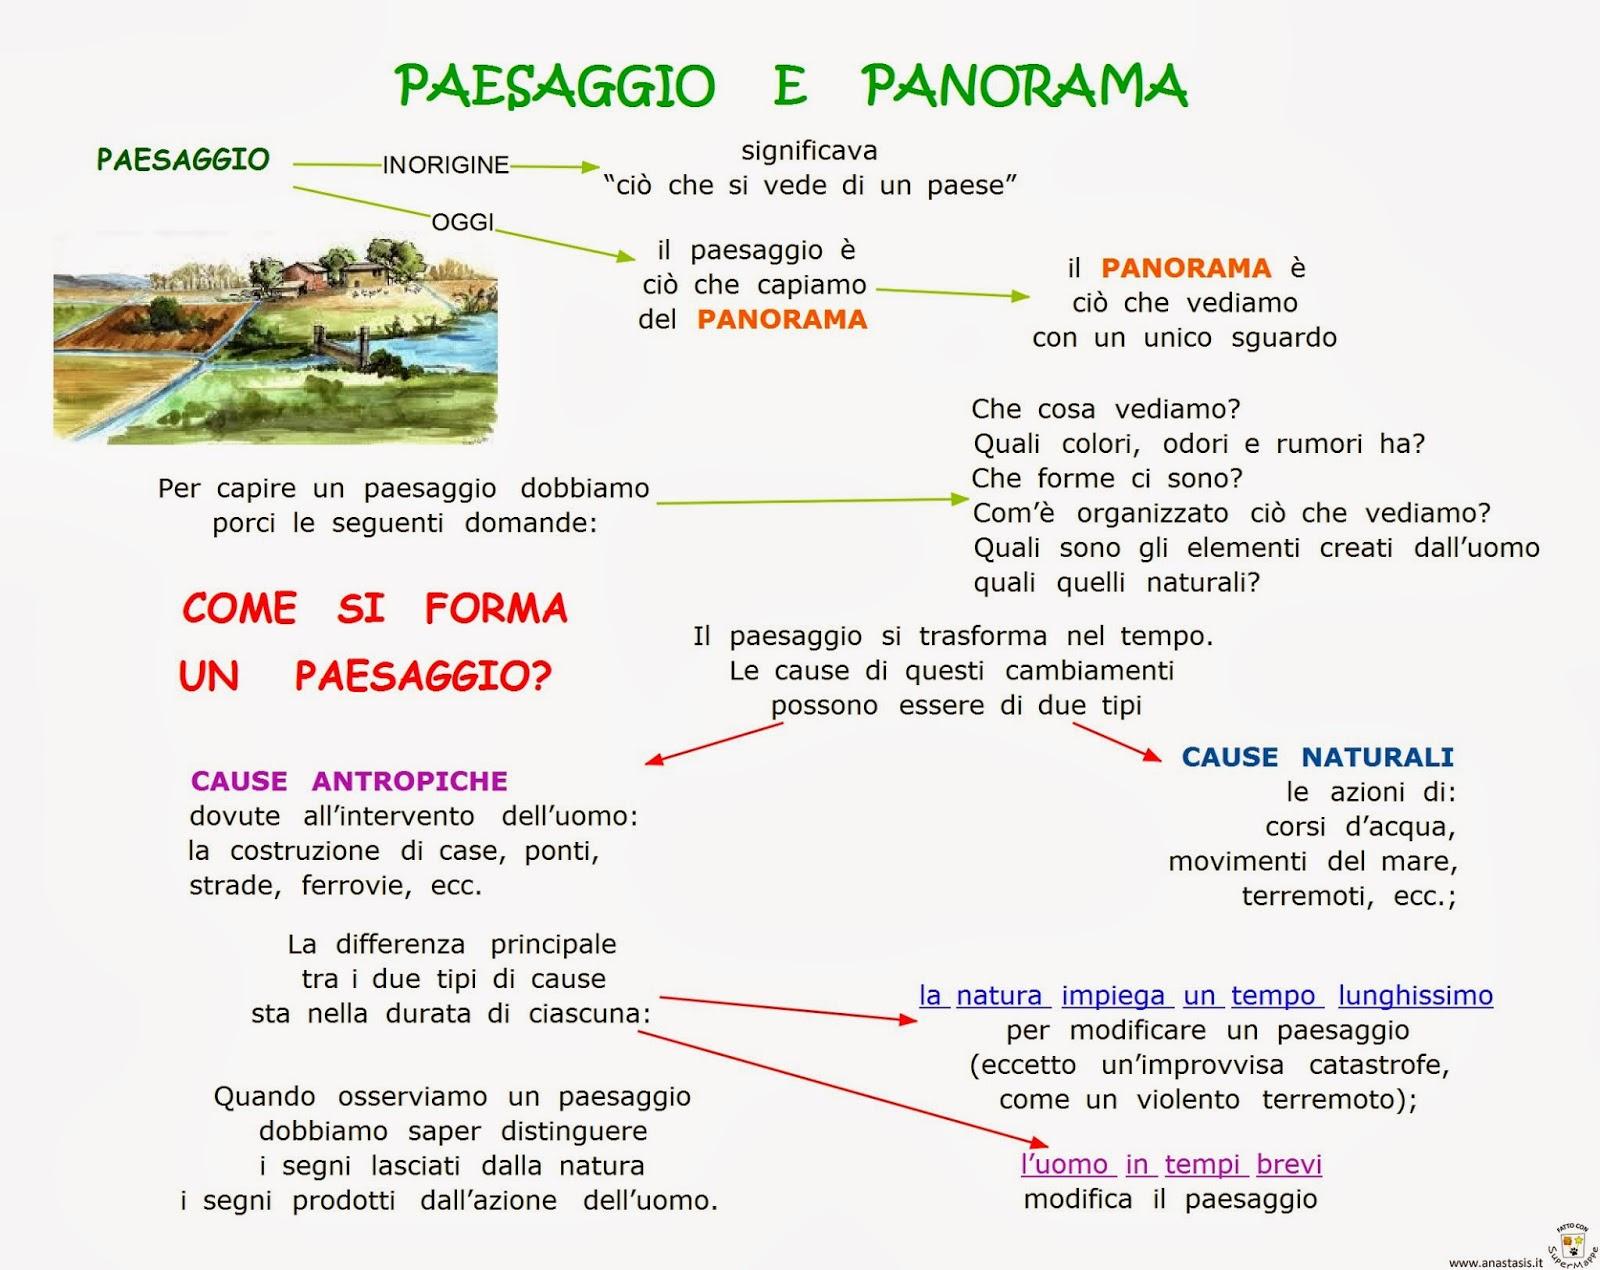 Paradiso delle mappe Paesaggio e panorama